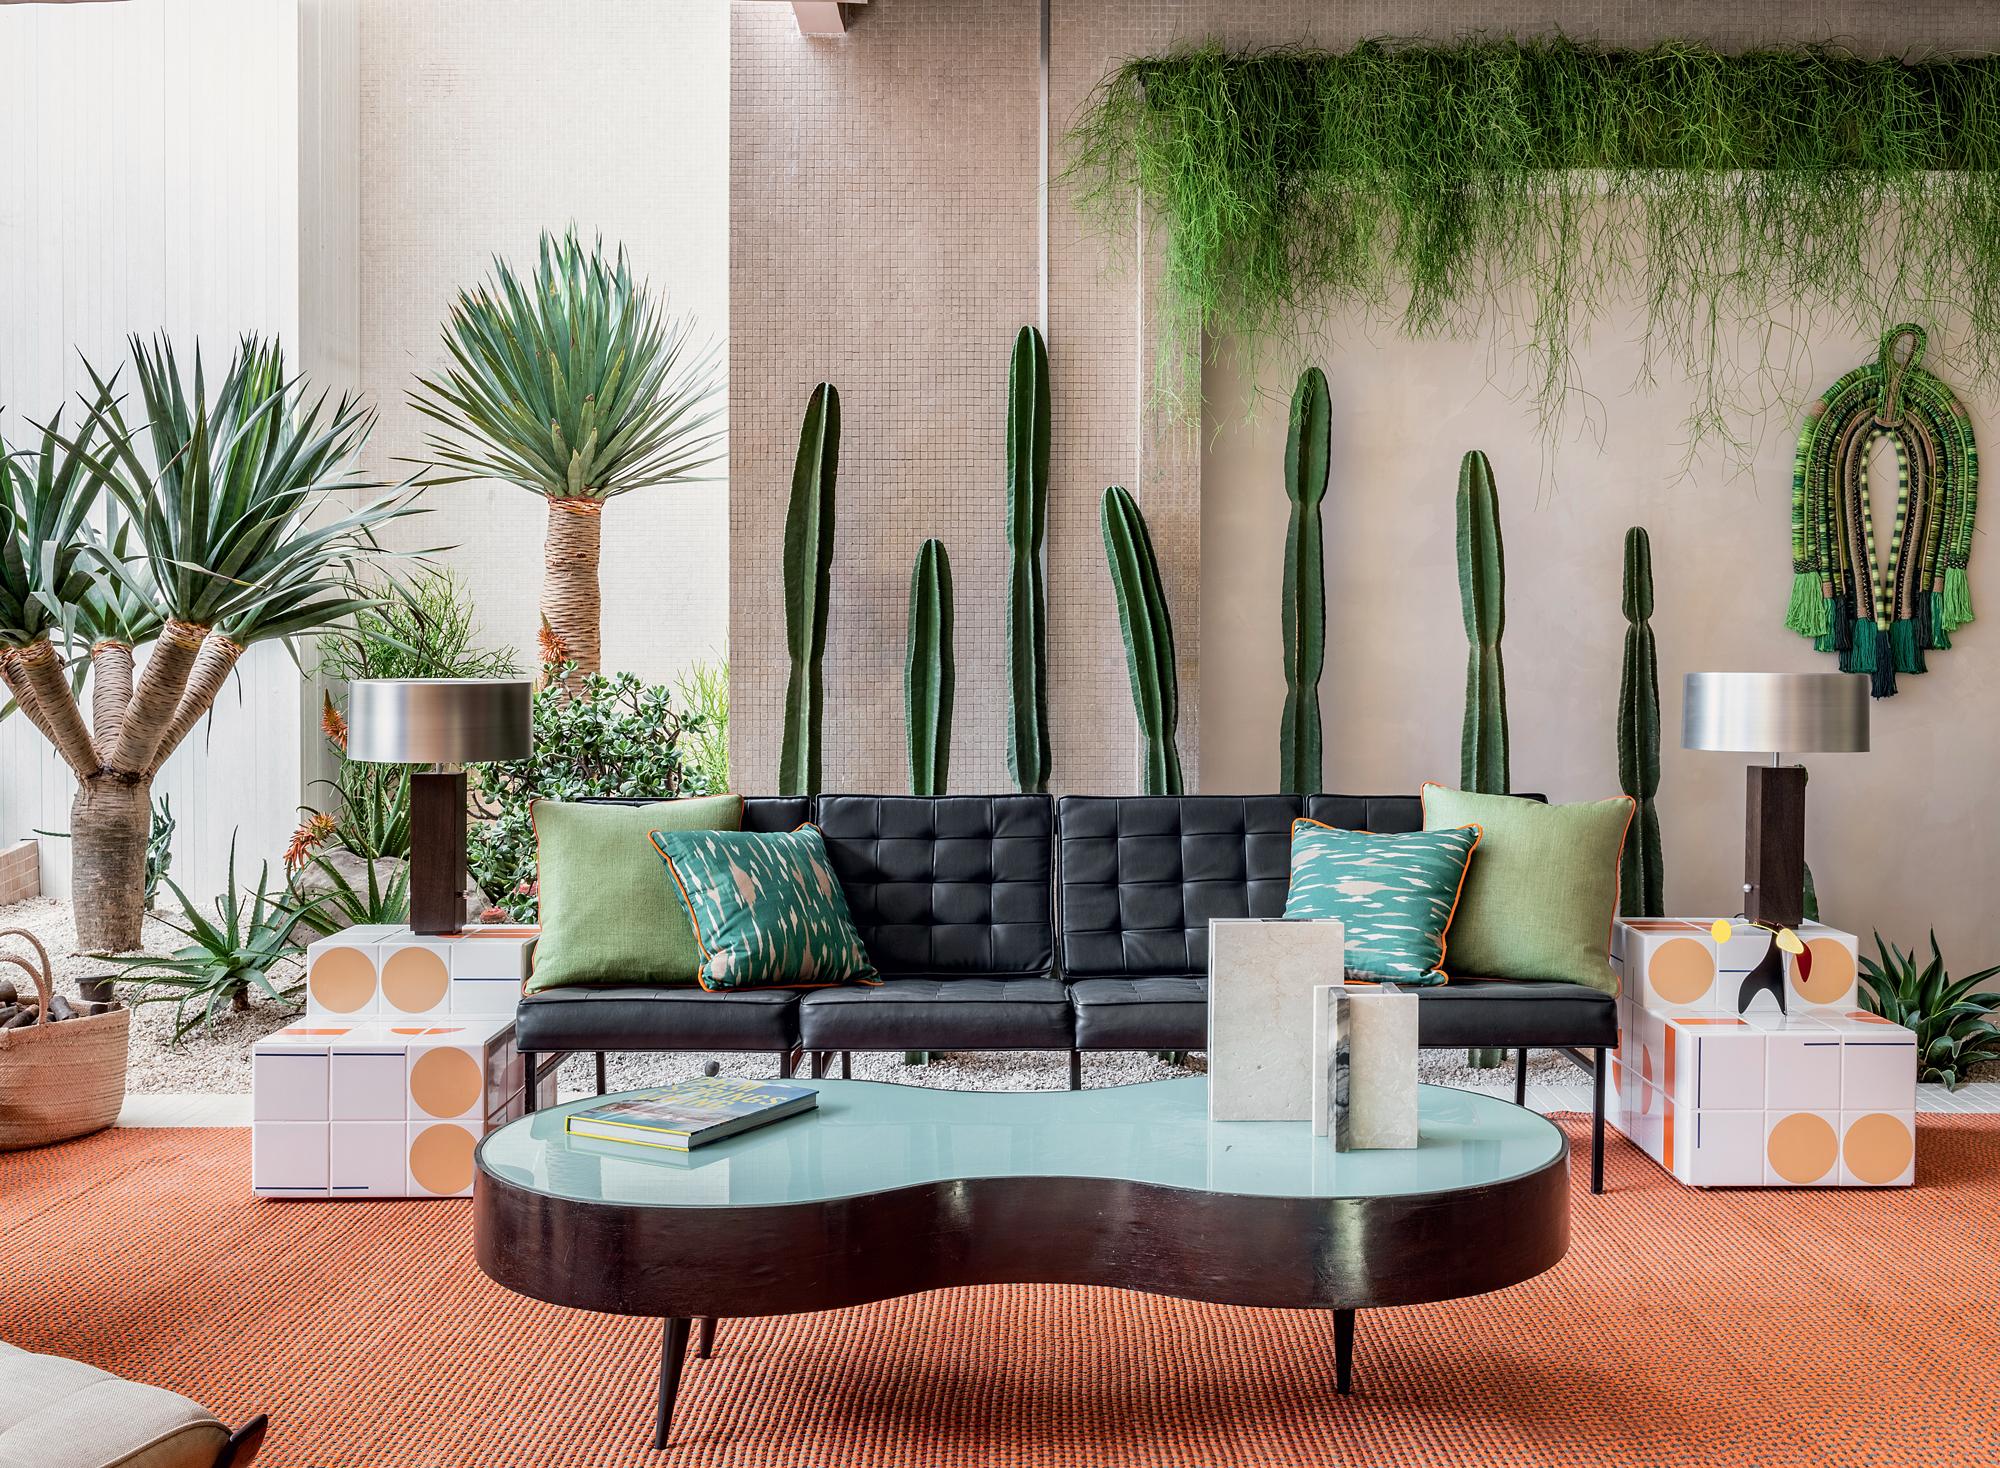 O ambiente de Jean de Just para a CASACOR São Paulo 2019 exibe folhagens e mandacarus de várias alturas, além de ripsális na prateira superior, compondo um jardim seco inspirado na paisagem de Palm Springs, Califórnia.